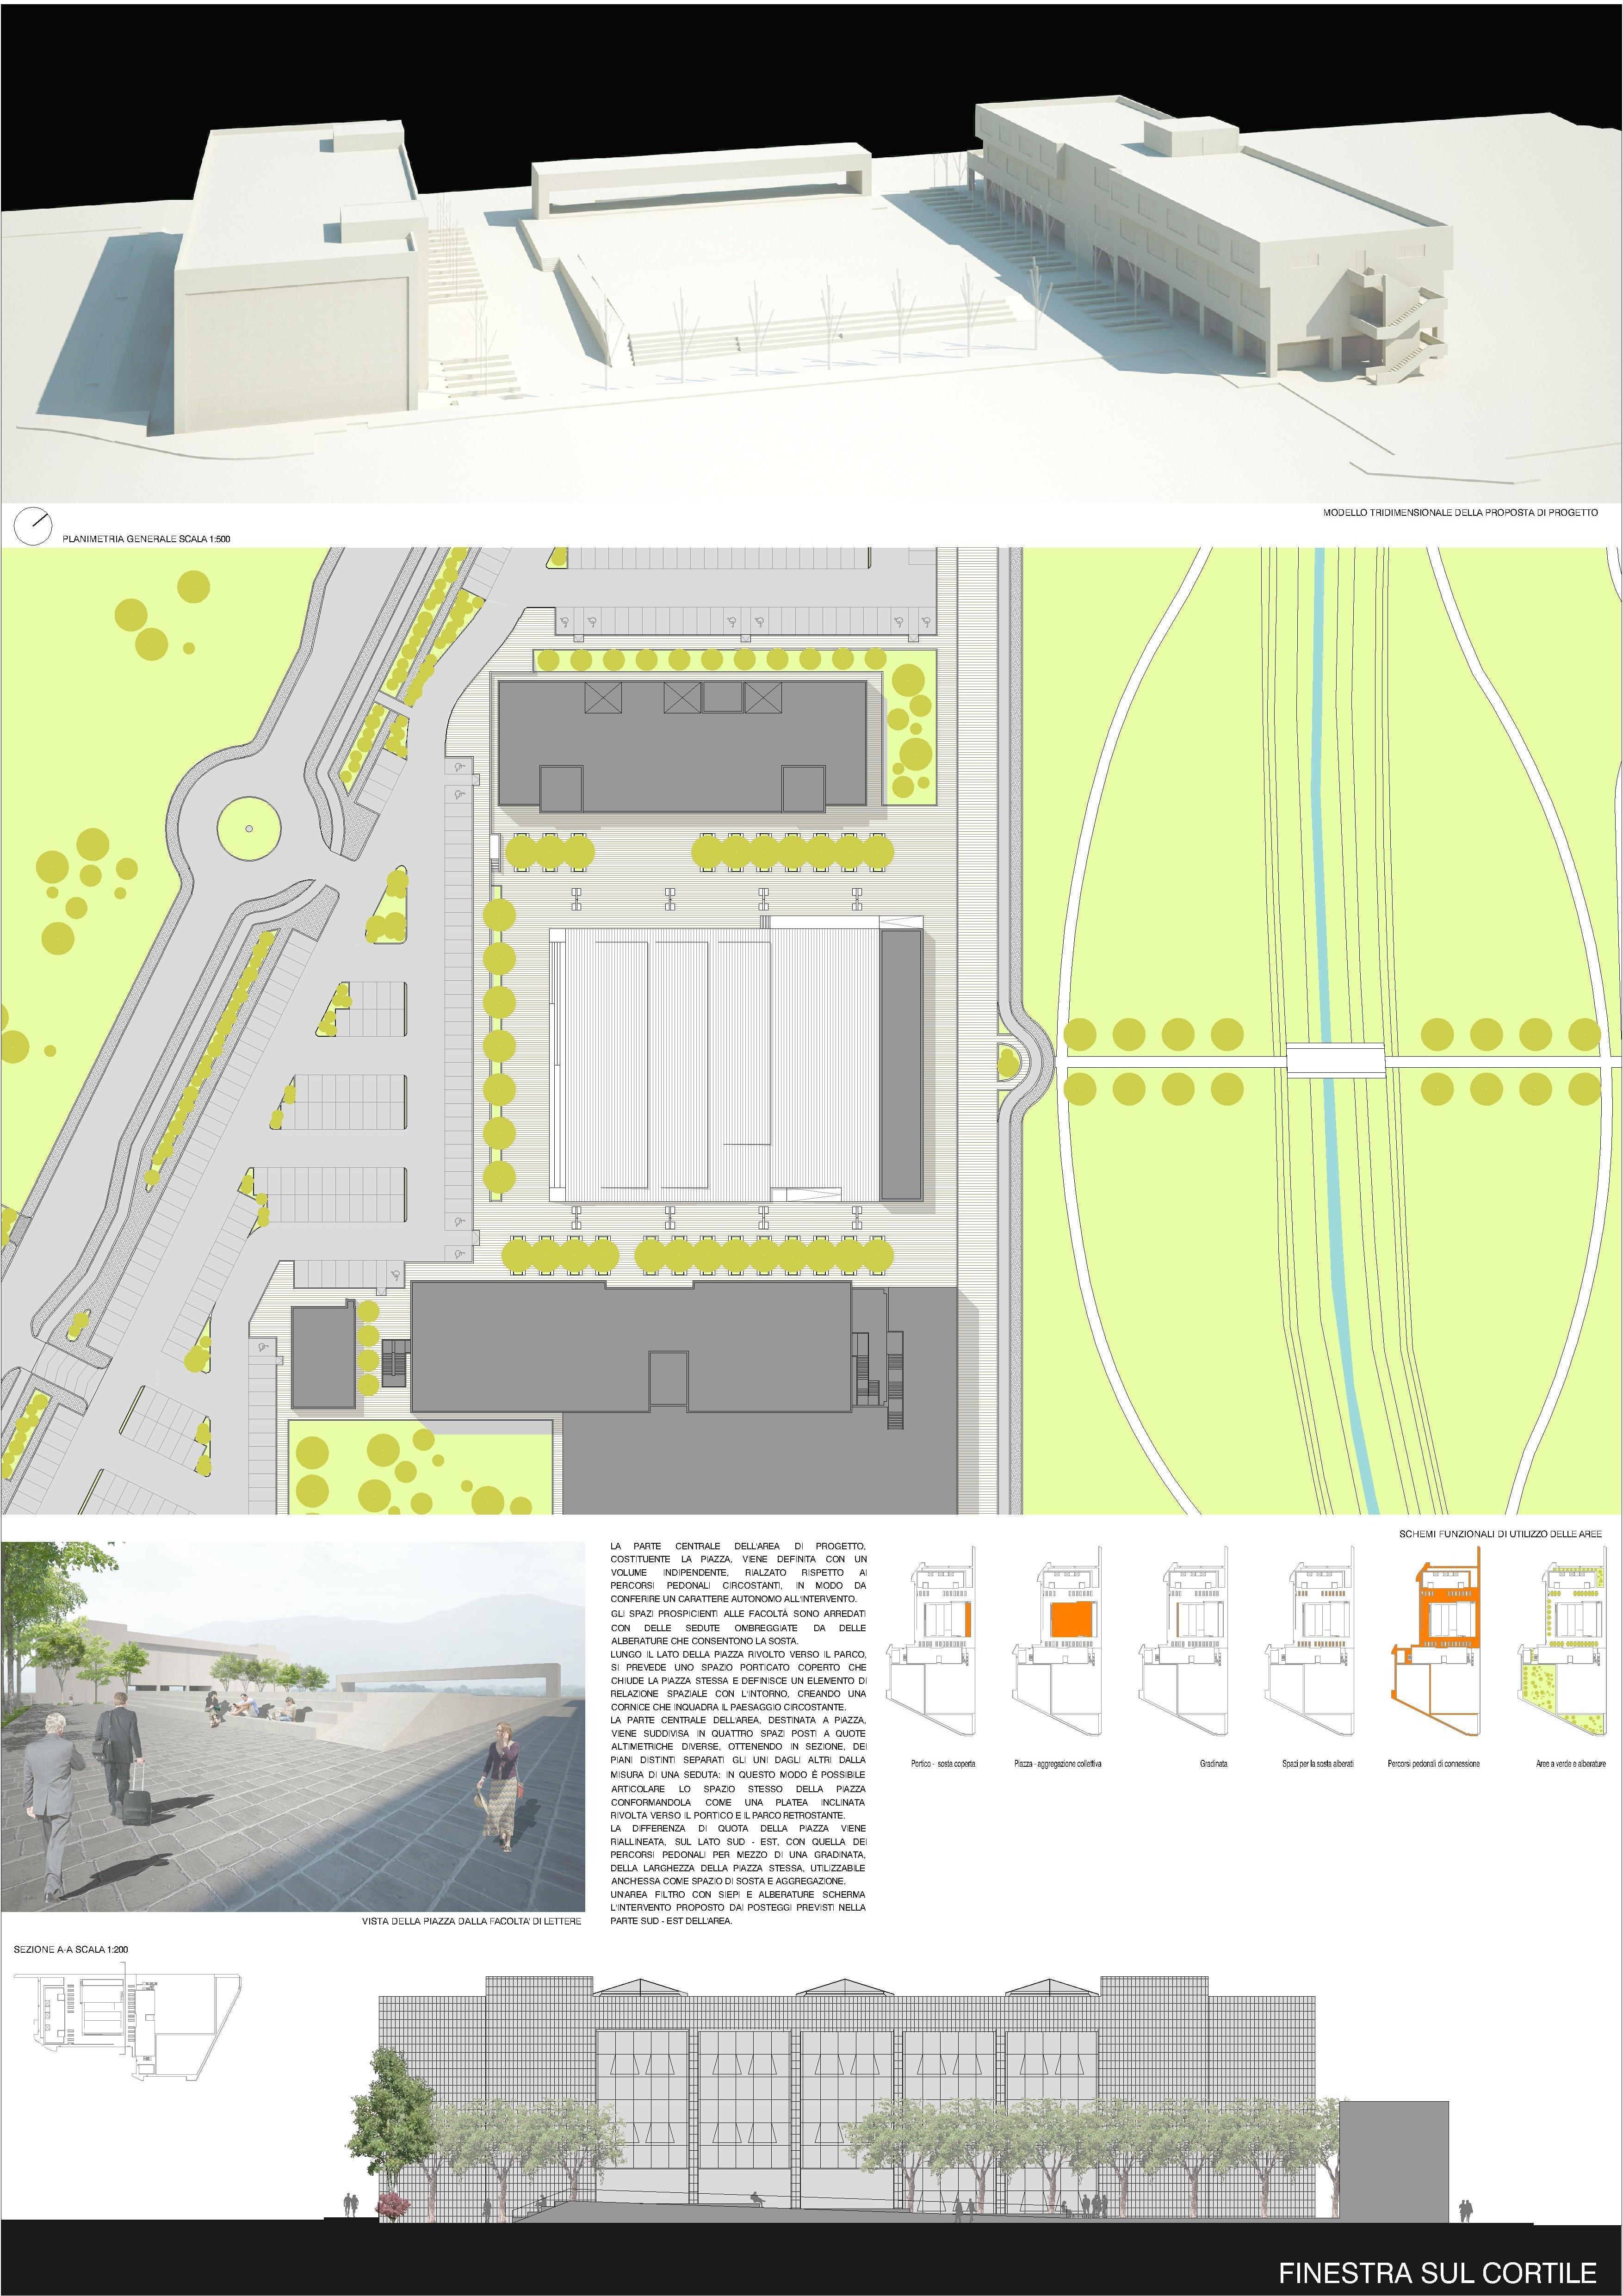 Finestra sul cortile elenco progetti progetti - Finestra sul cortile ...